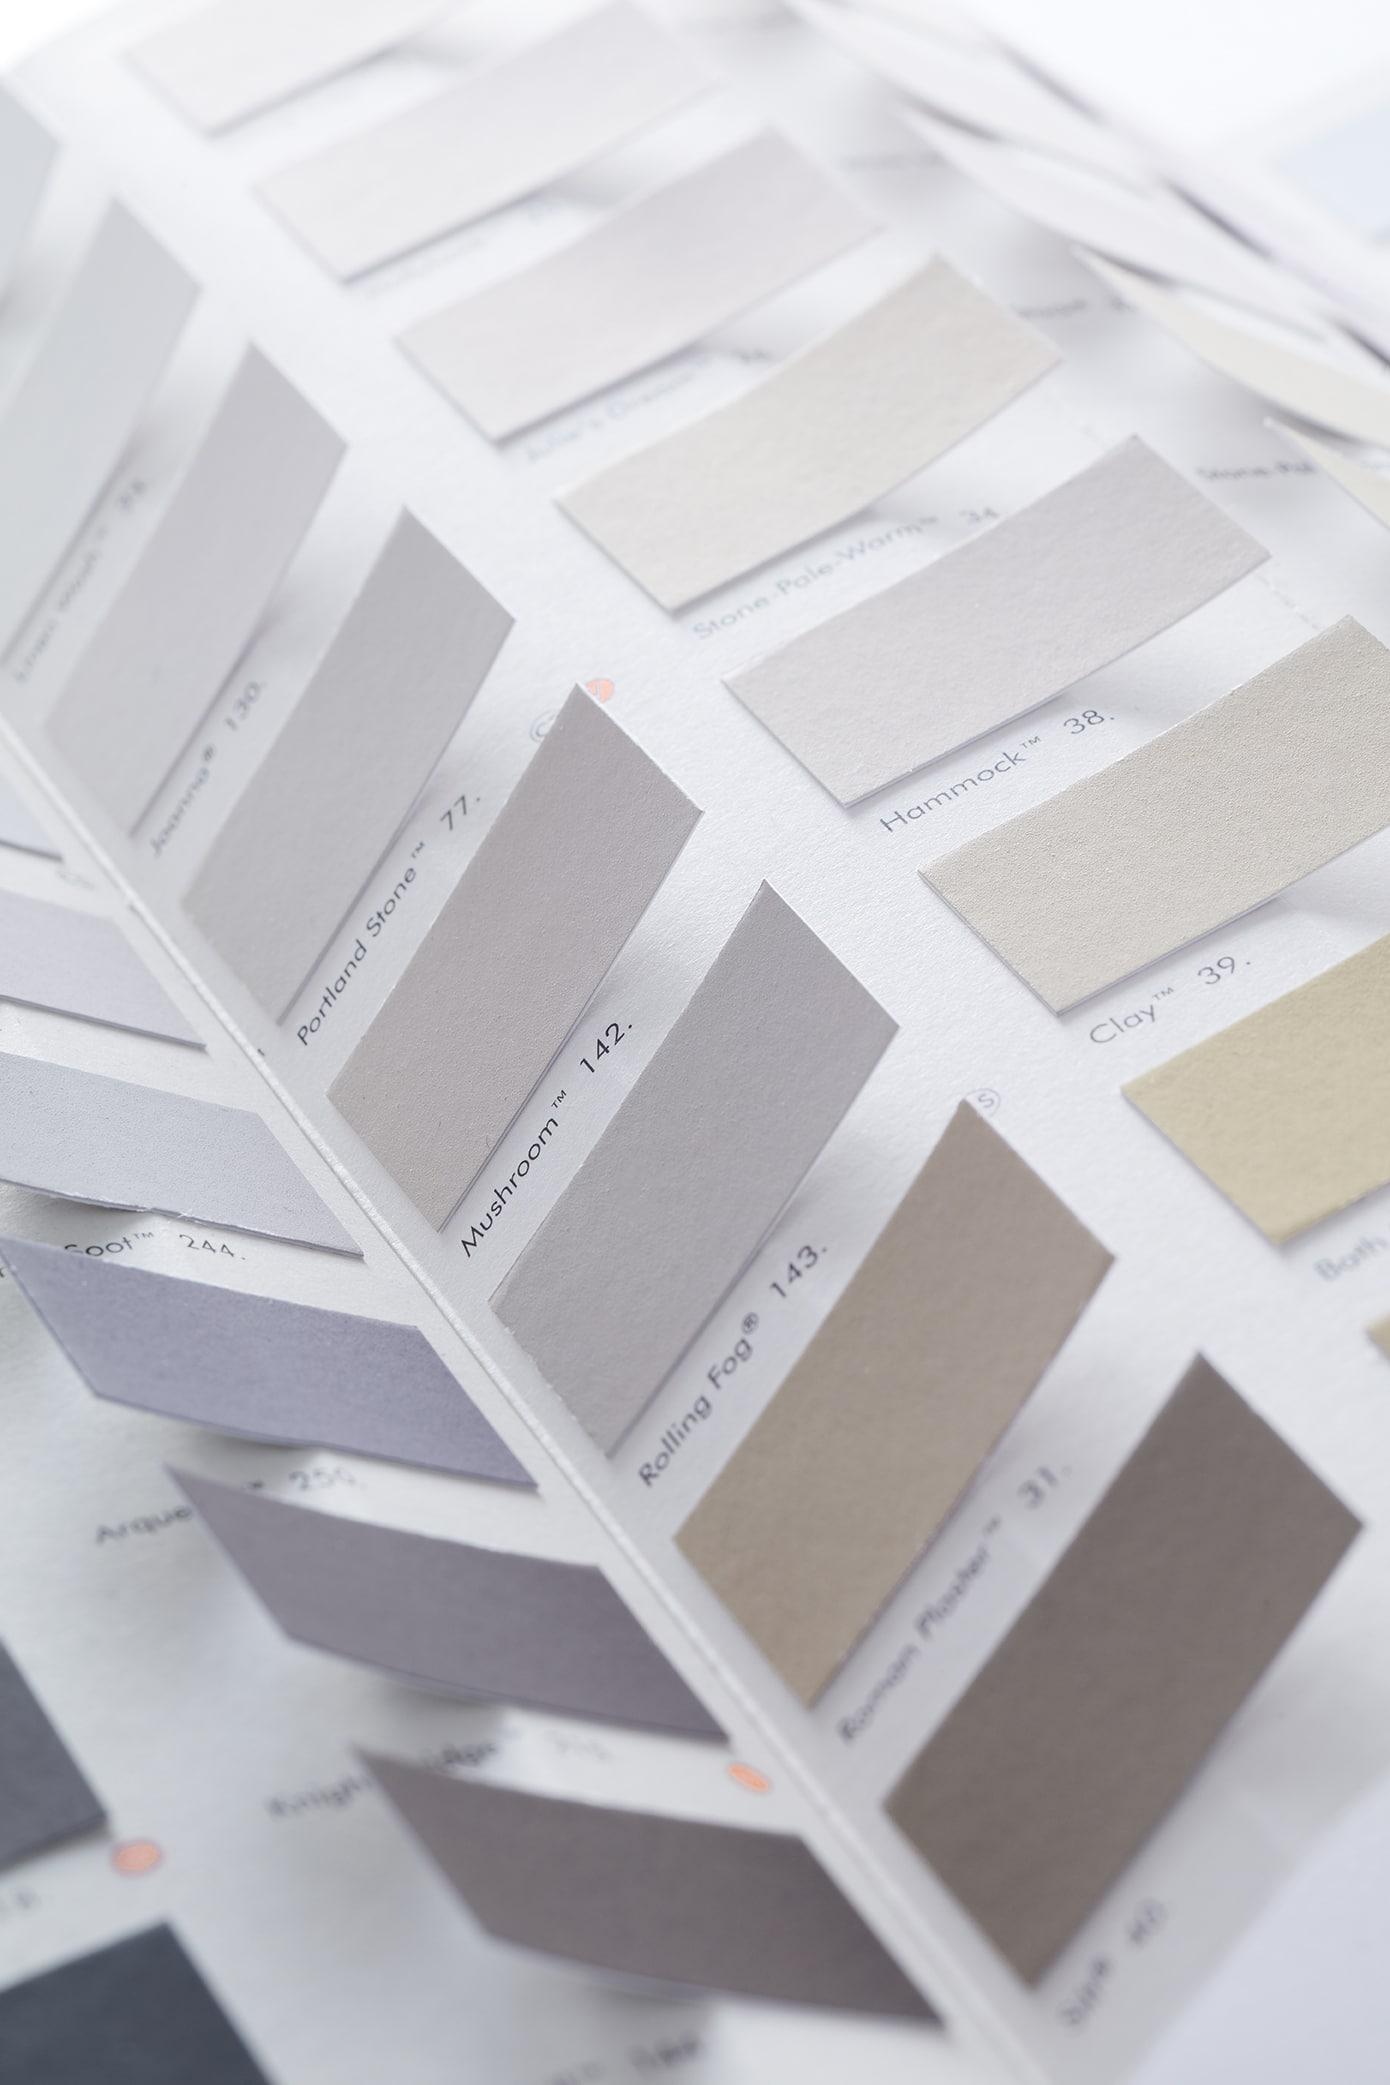 Wandfarbe Wand Sample Grau Hellgrau Braun Blau